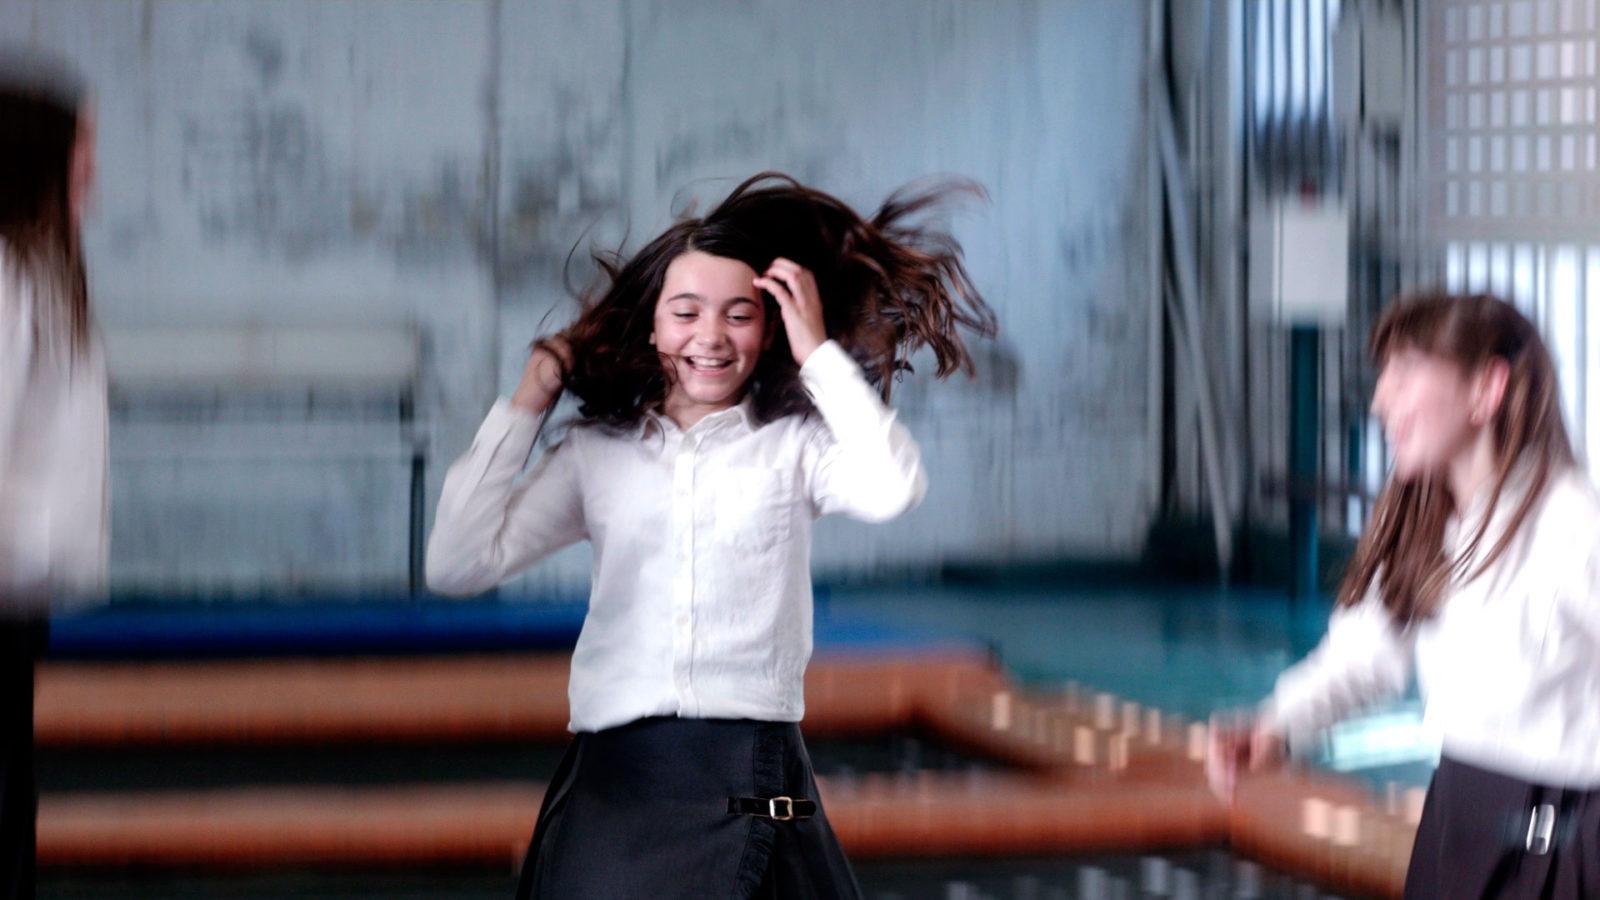 Schoolgirls [Las niñas] — Moro Spanish Film Festival 2021